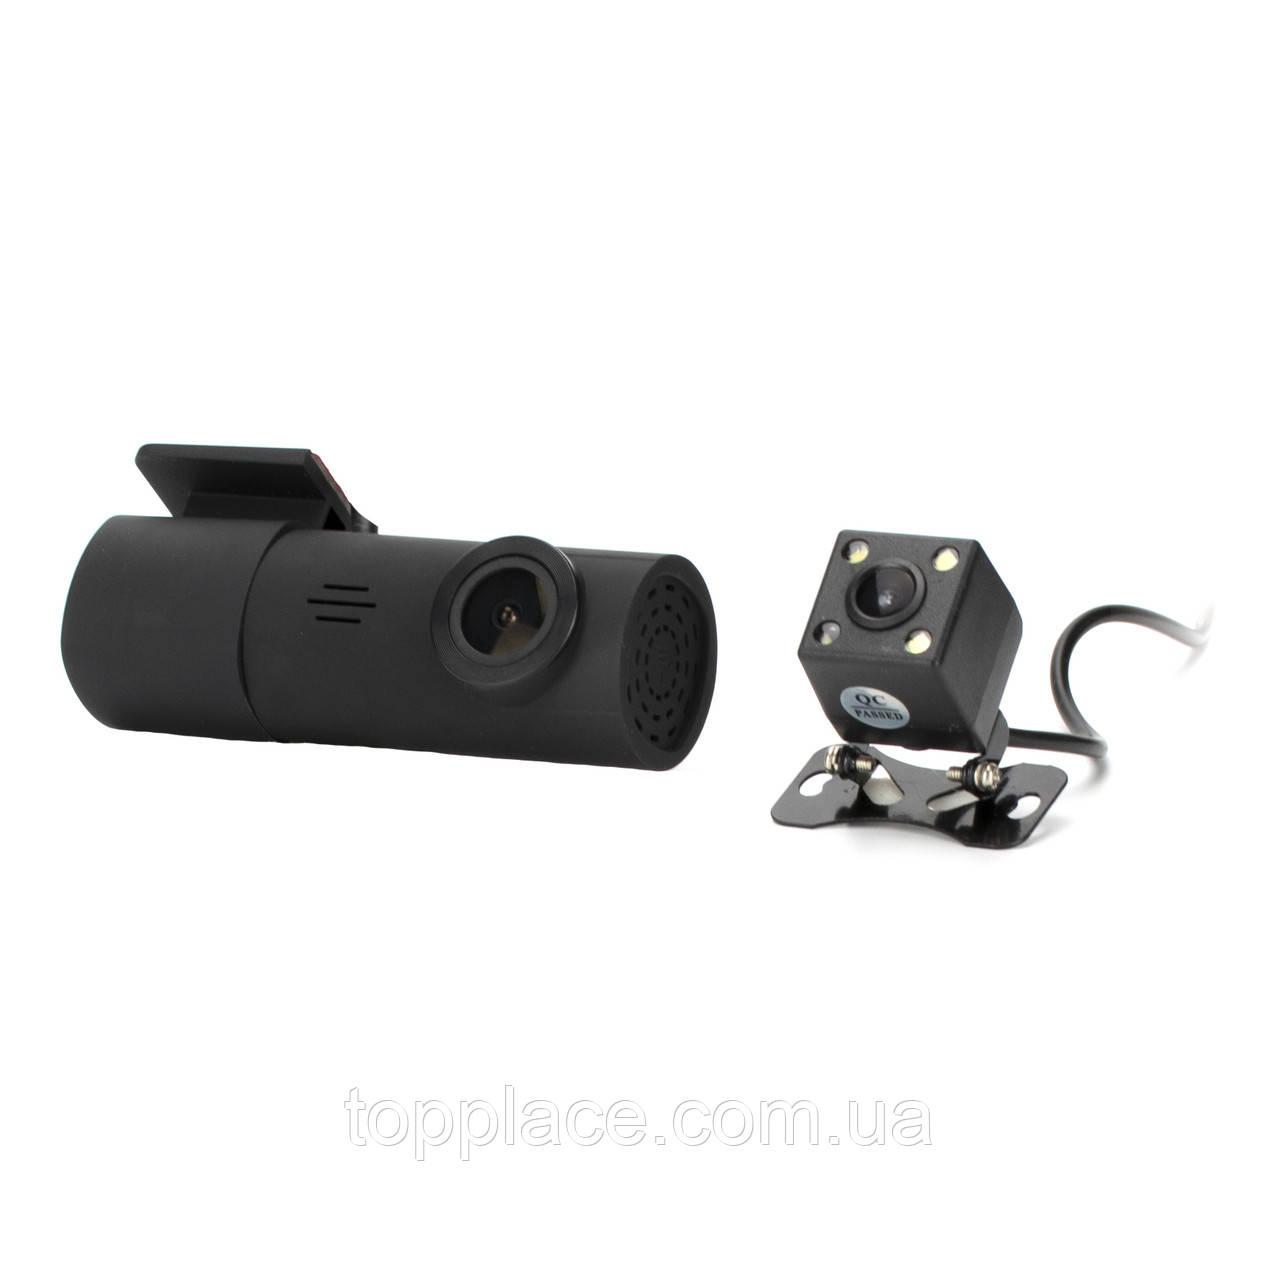 Видеорегистратор RangePolar A18-2CH с двумя камерами (AS101005346)